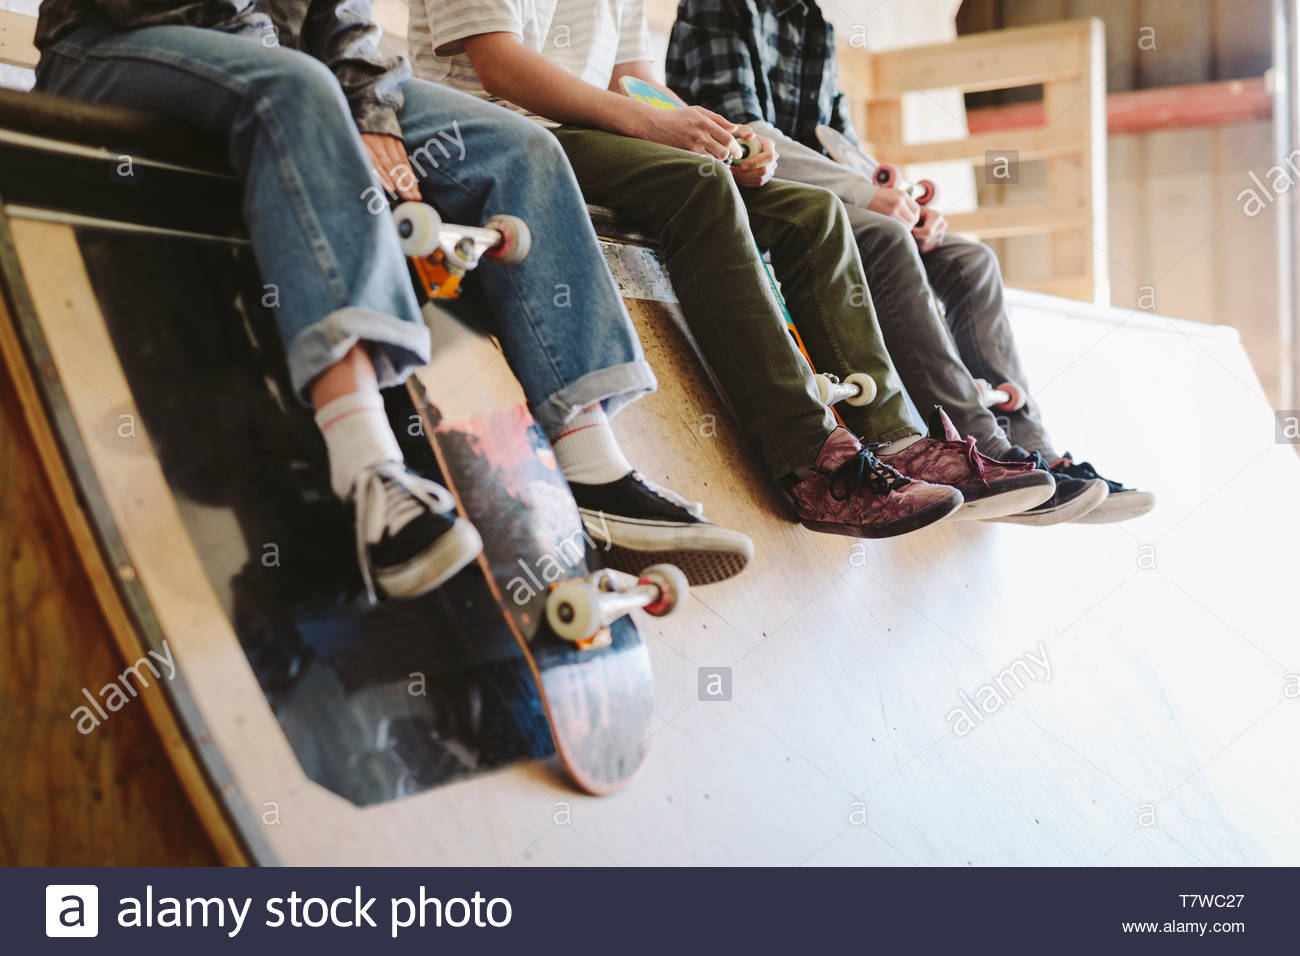 Freunde heraus hängen, oben auf der Rampe sitzen an indoor Skatepark Stockfoto